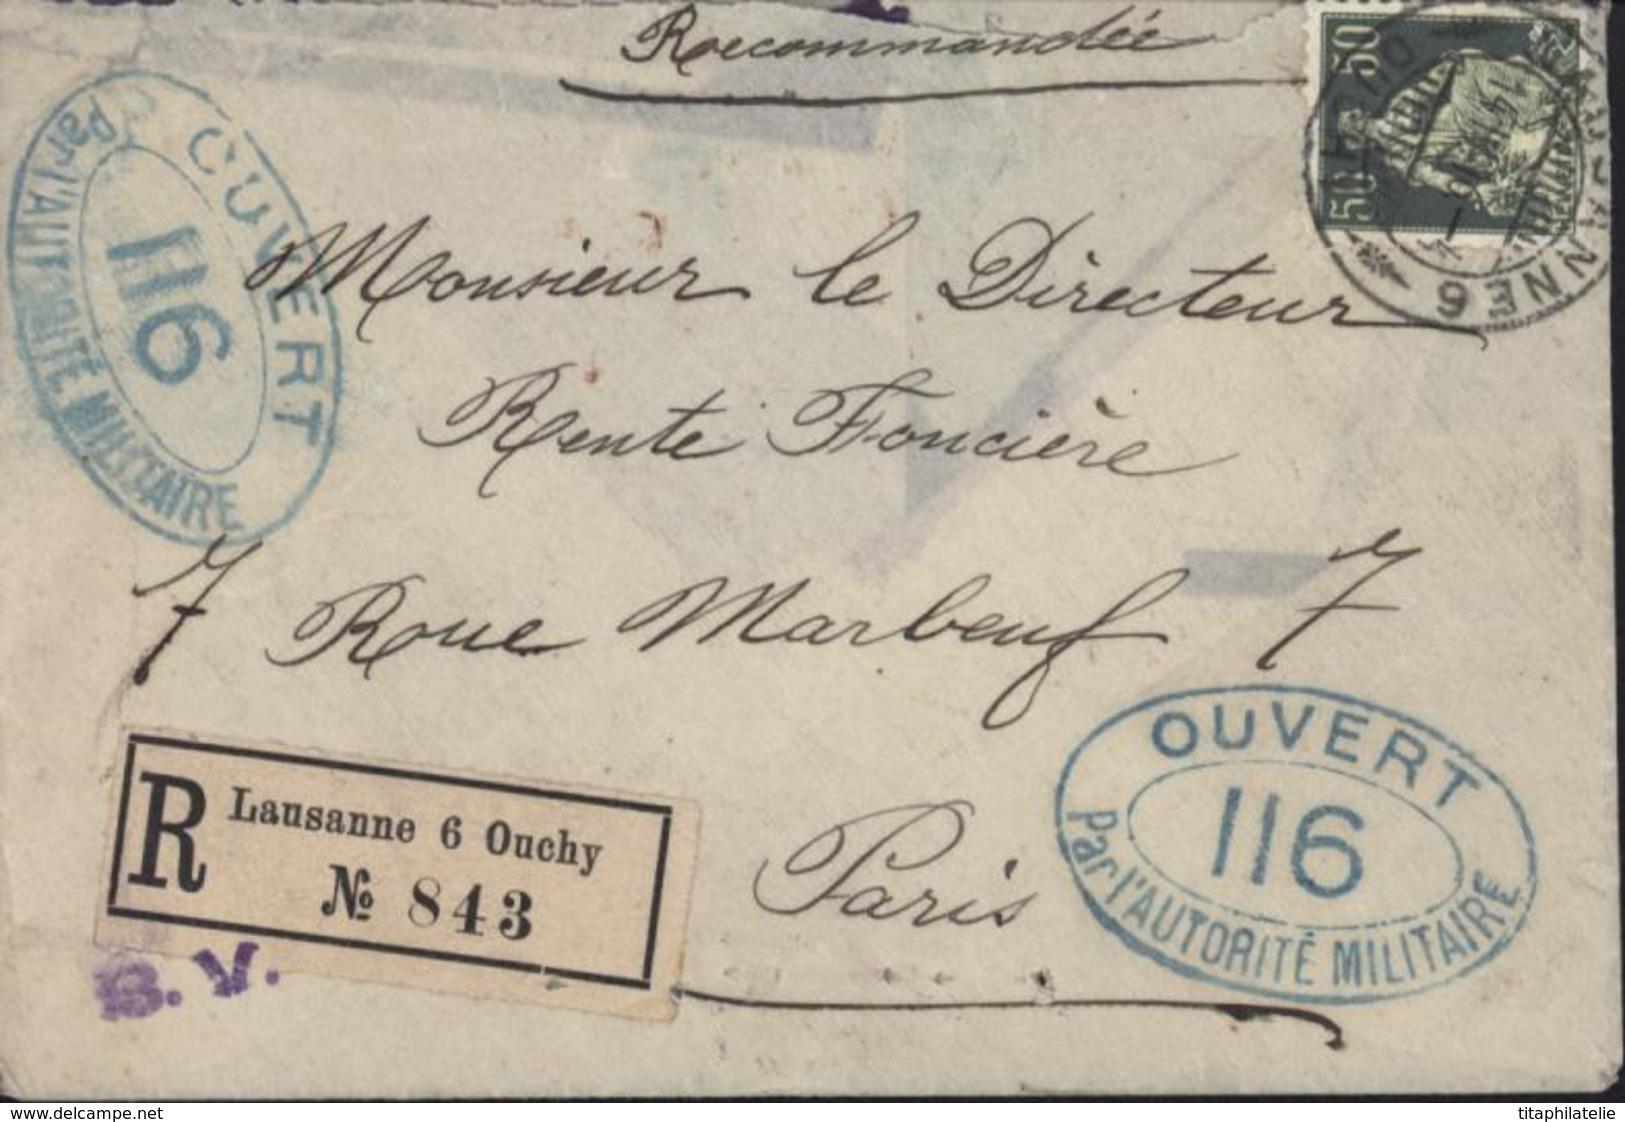 Guerre 14 18 Lettre Recommandée Censure Pontarlier 116 Ouvert Par L'autorité Militaire Bande Contrôle Postal Militaire - Marcophilie (Lettres)